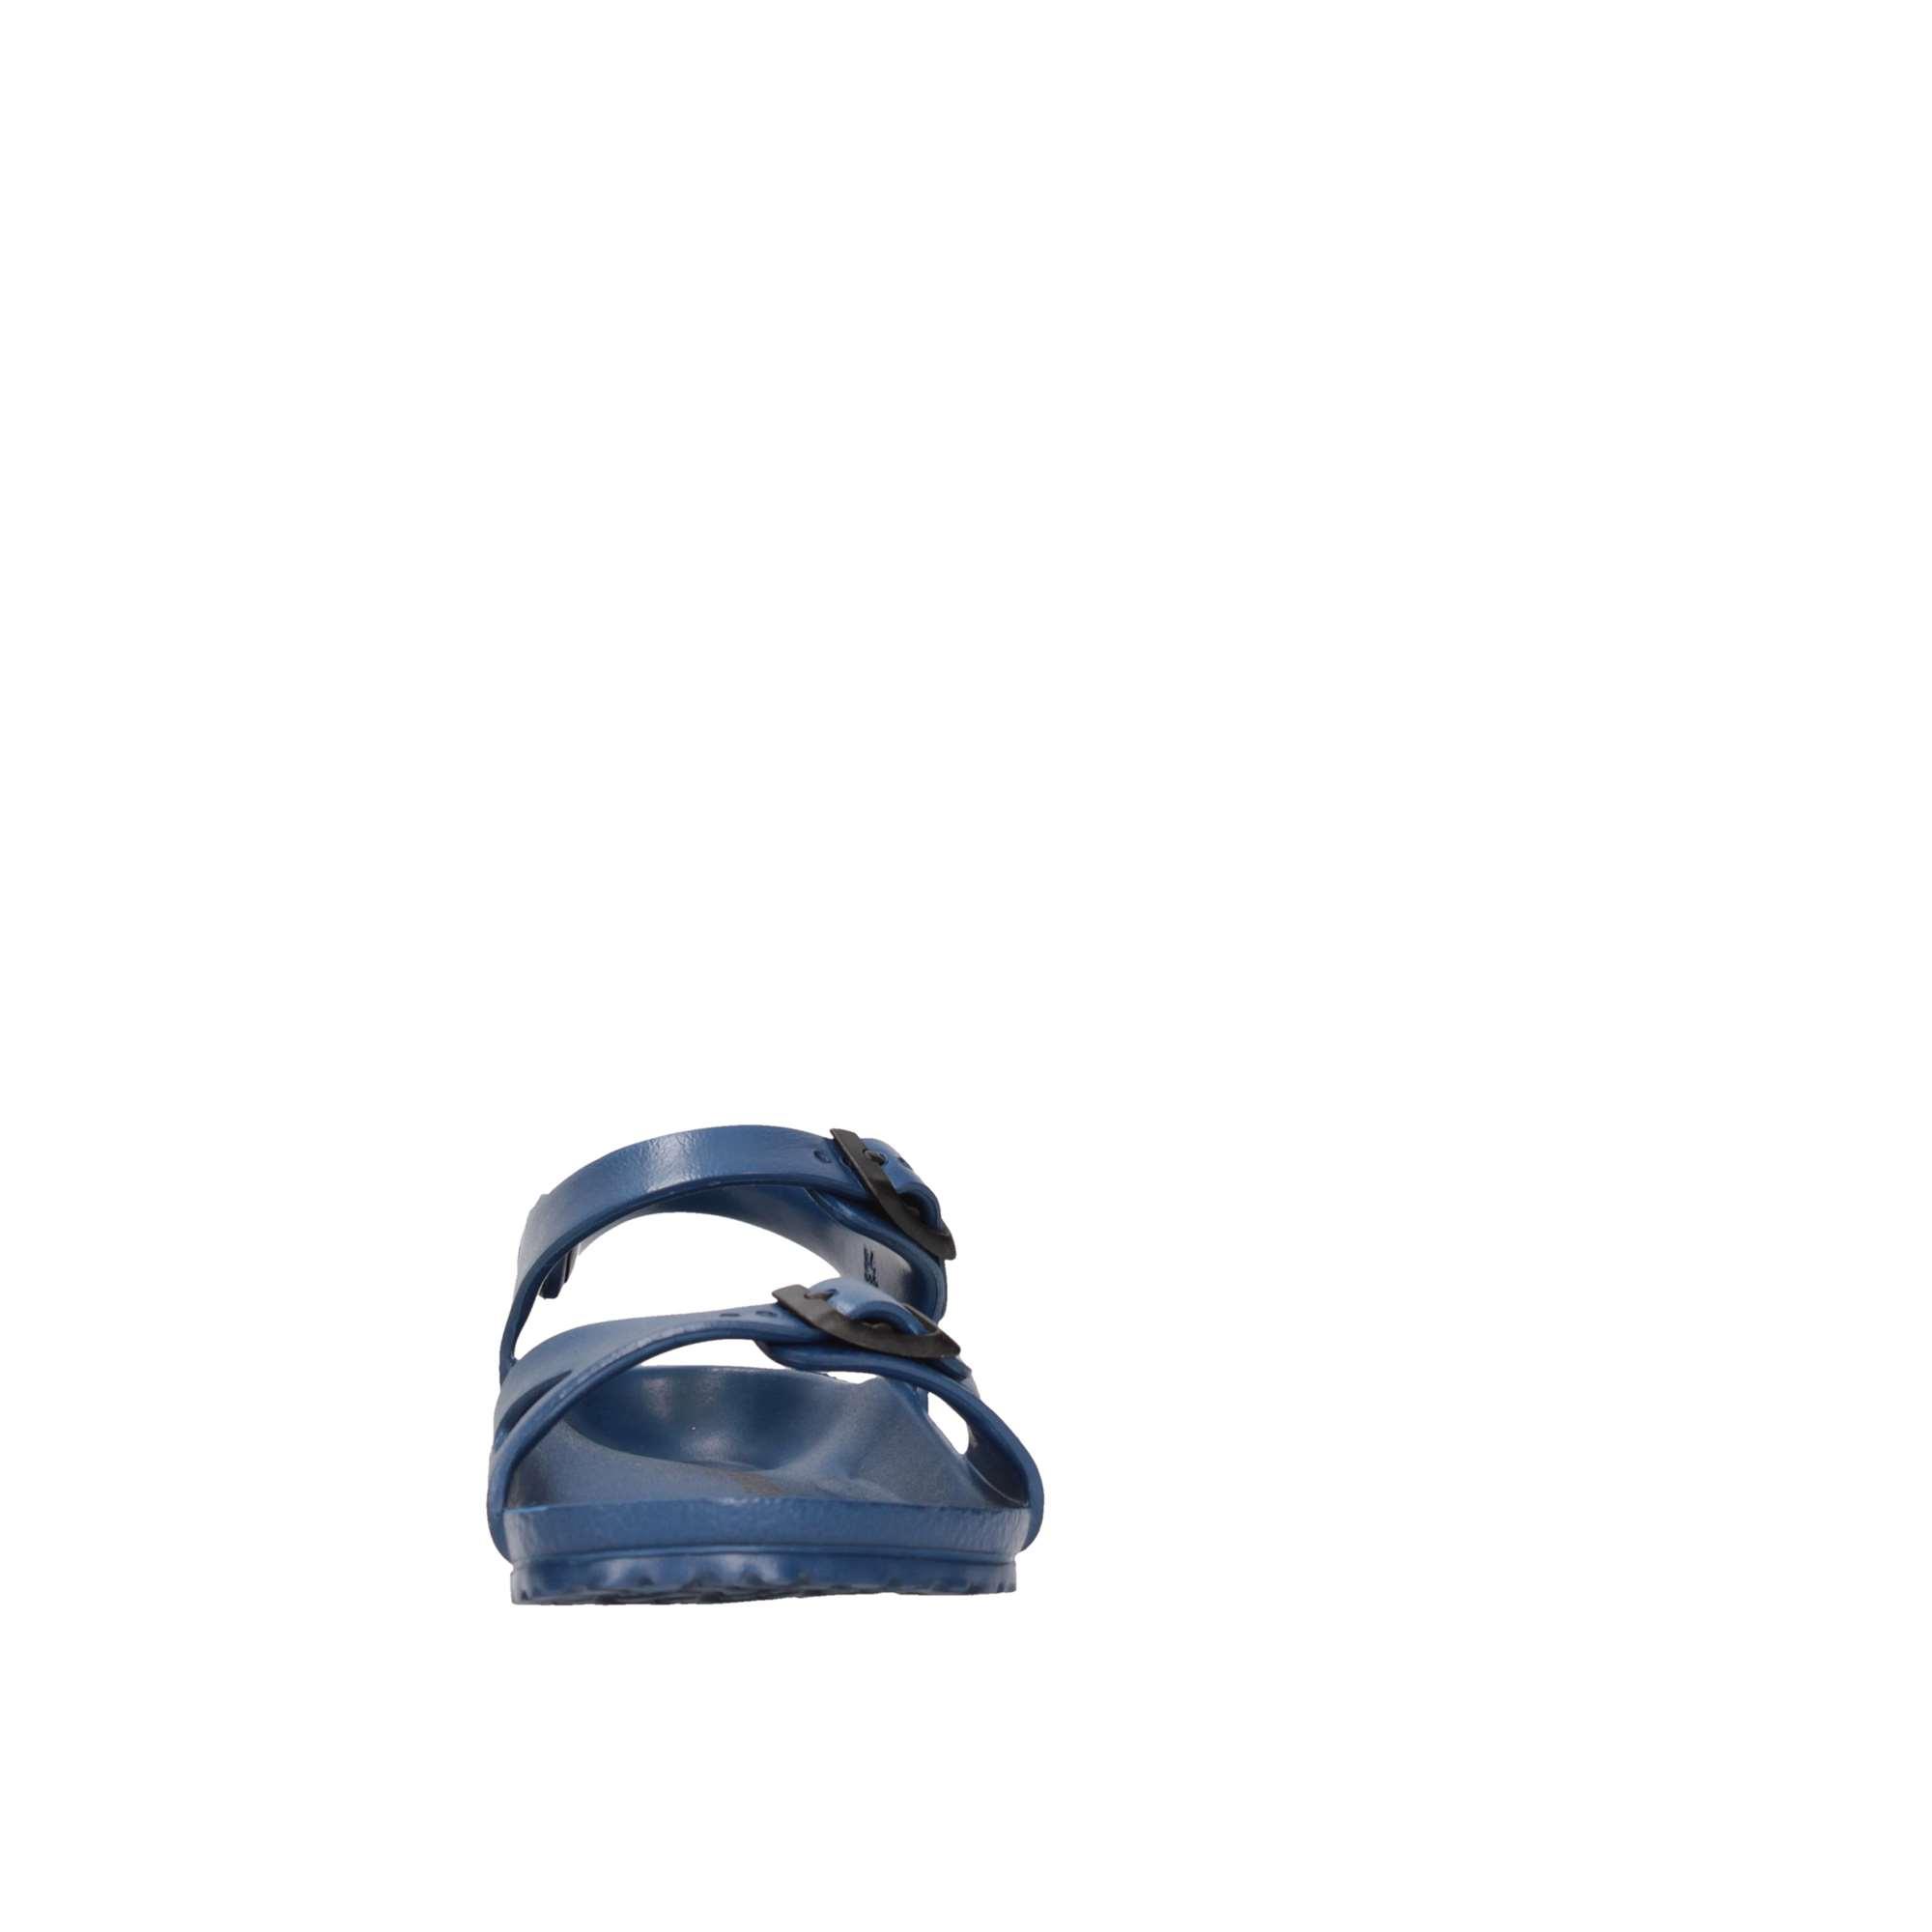 Birkenstock 126123 RIO KIDS EVA Blu Scarpe Bambino ... e2b09d4f3f4